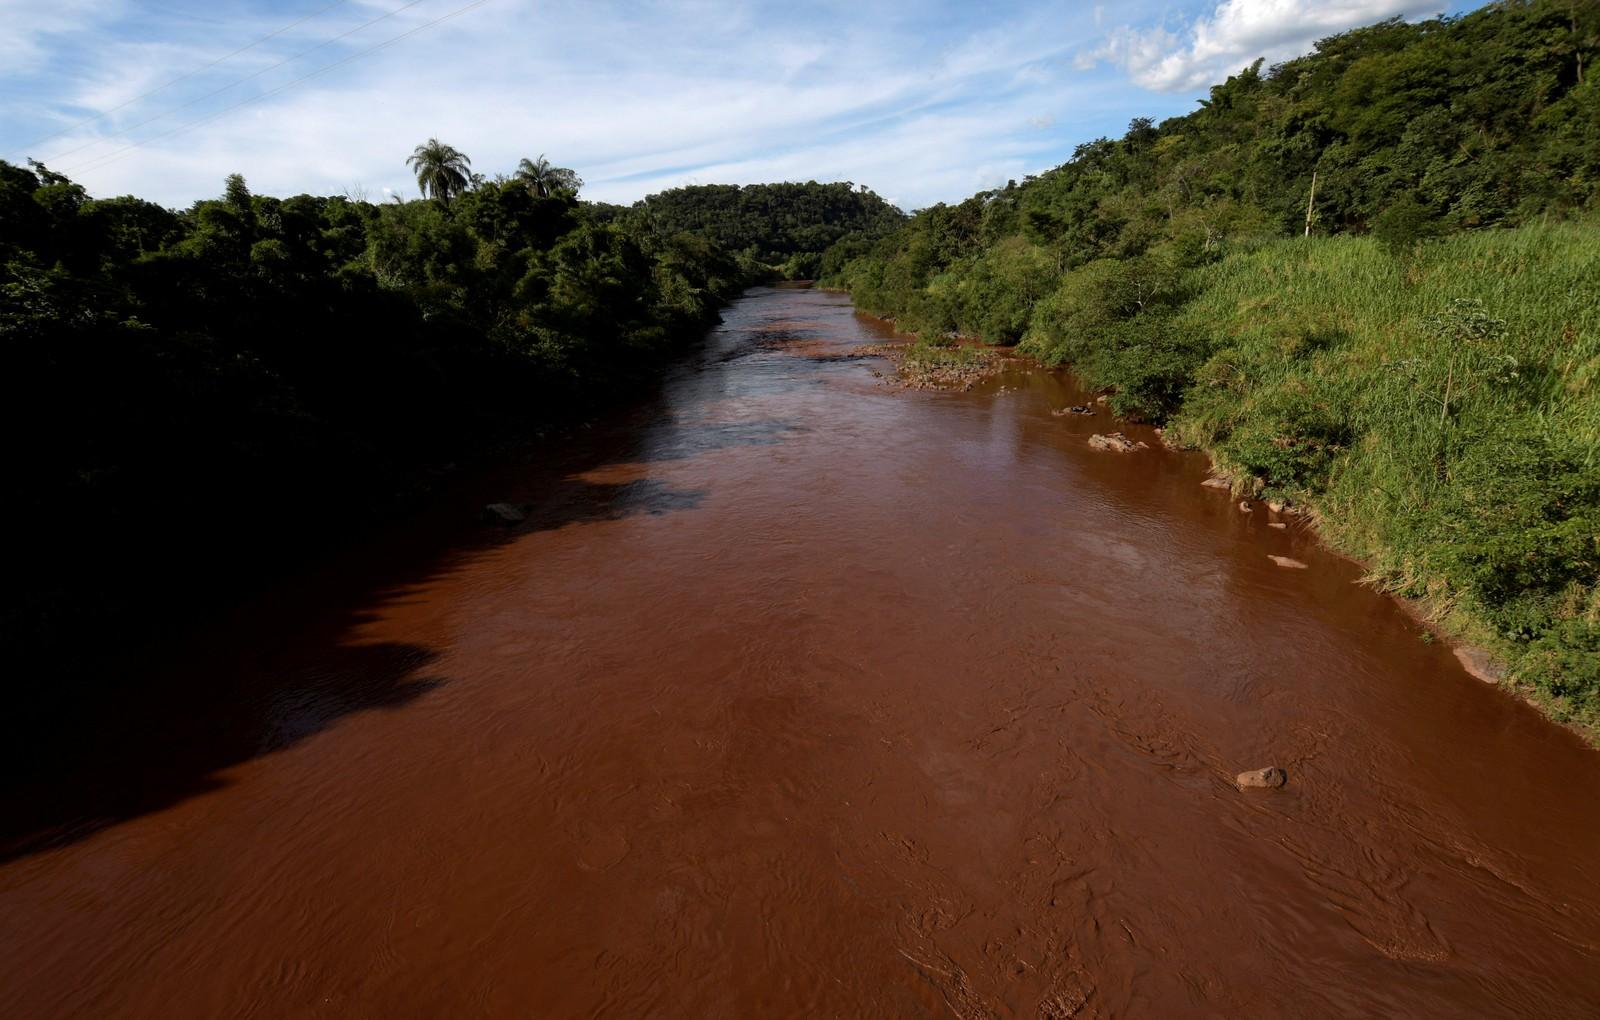 Lama que chegou ao rio após rompimento da barragem deve chegar a Pará de Minas — Foto: Washington Alves/Reuters